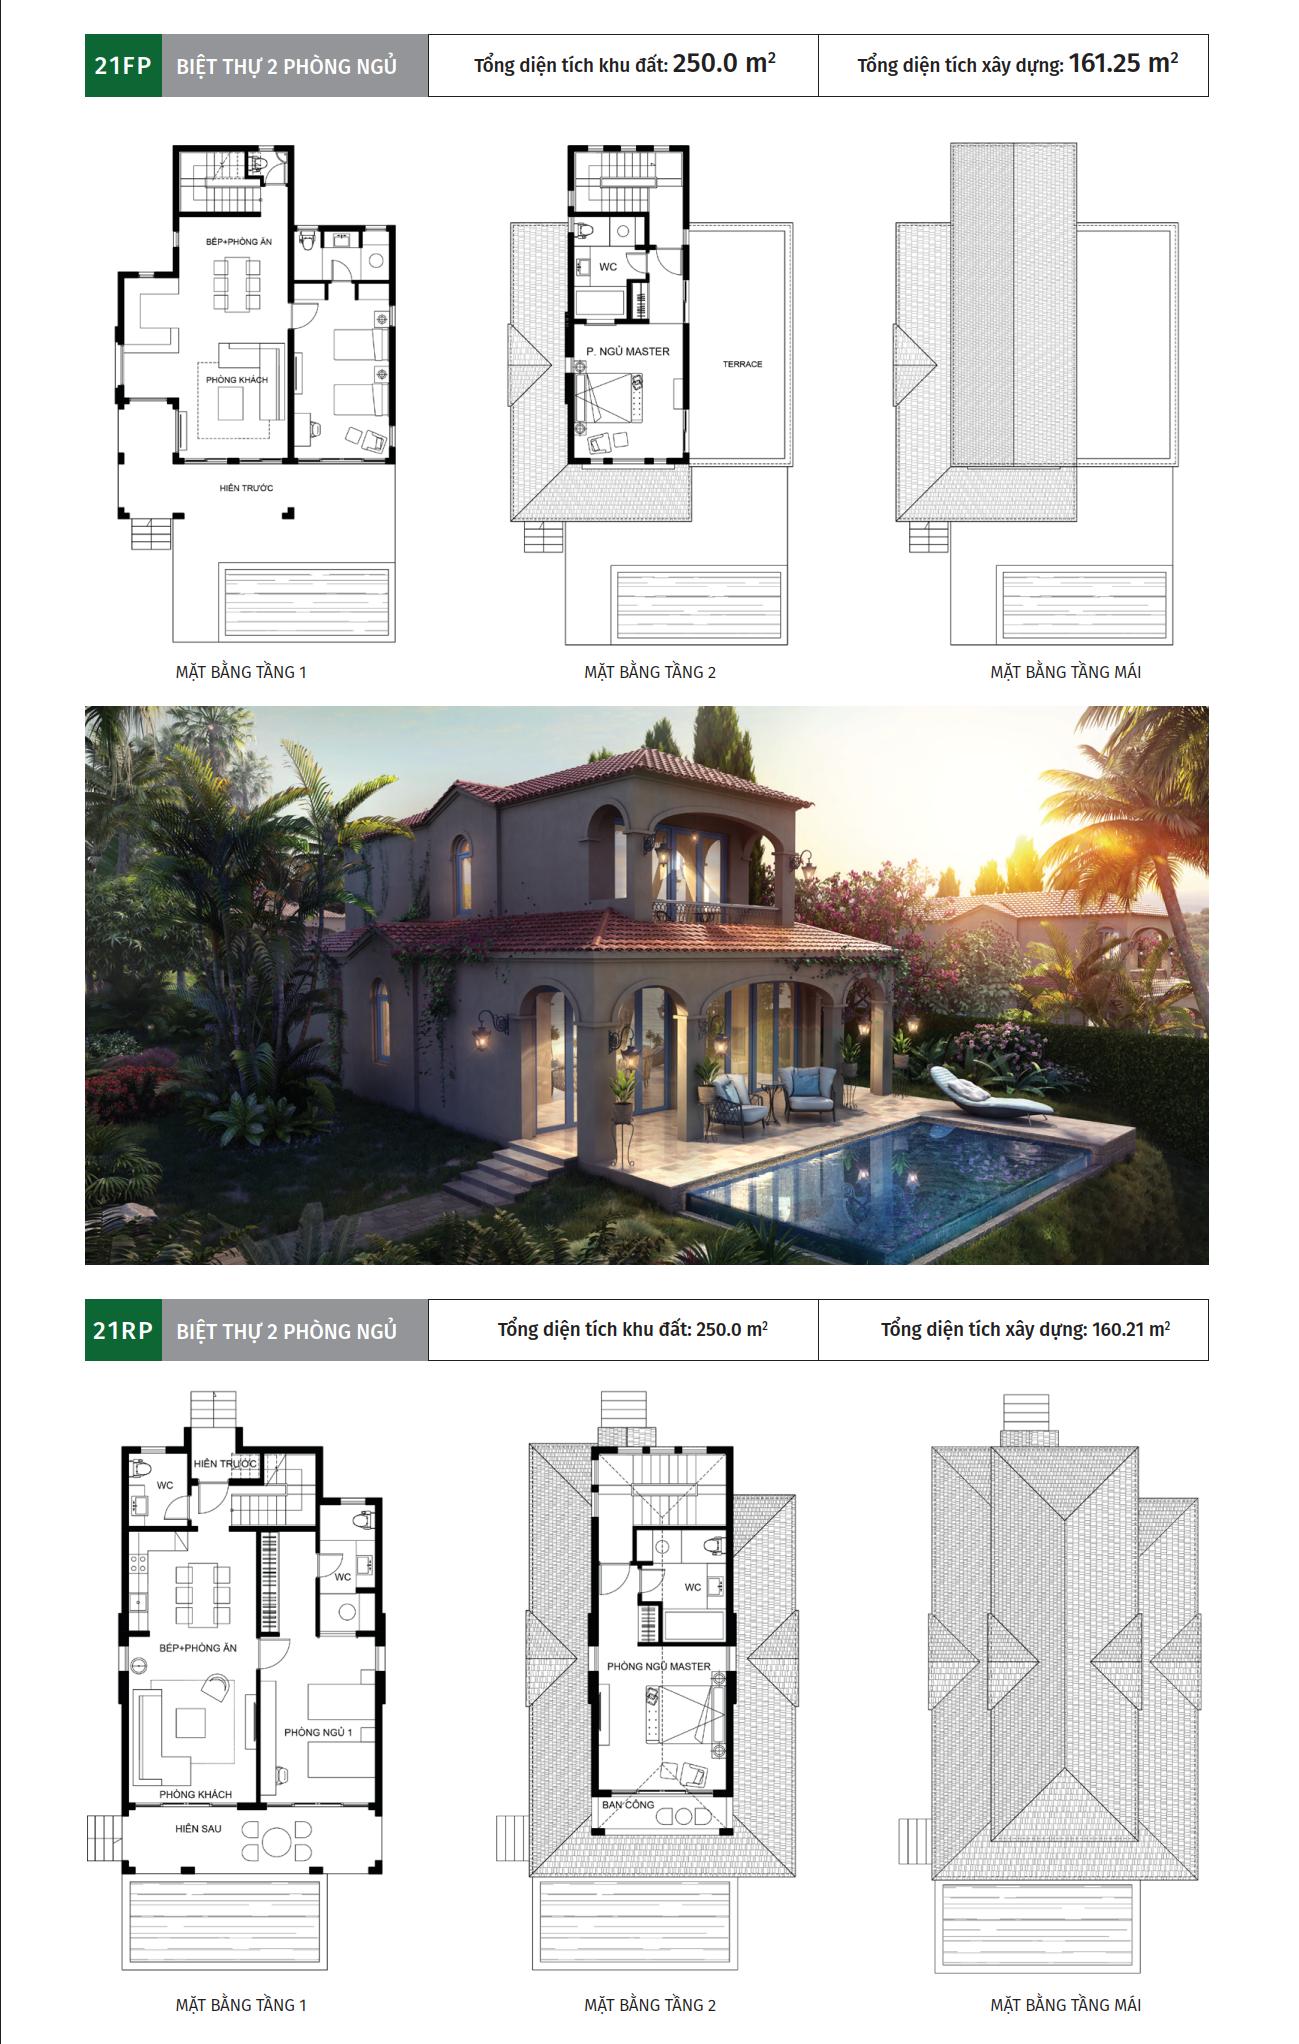 Nhà mẫu biệt thự 2 phòng ngủ dự án NovaHills Mũi Né